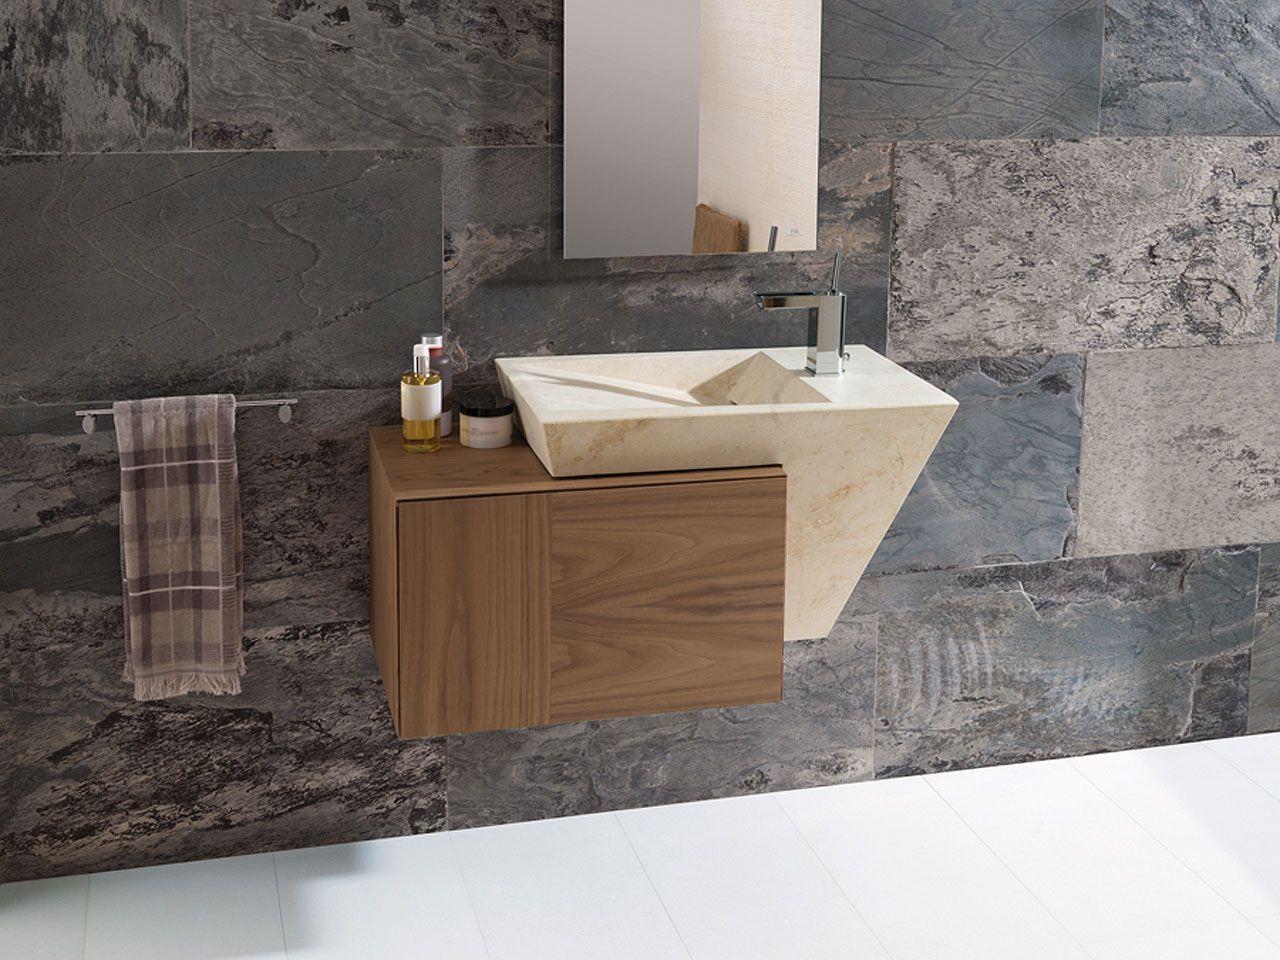 Zen Crema Italia Bioprot Warm by Porcelanosa | Dormitorio con baños ...